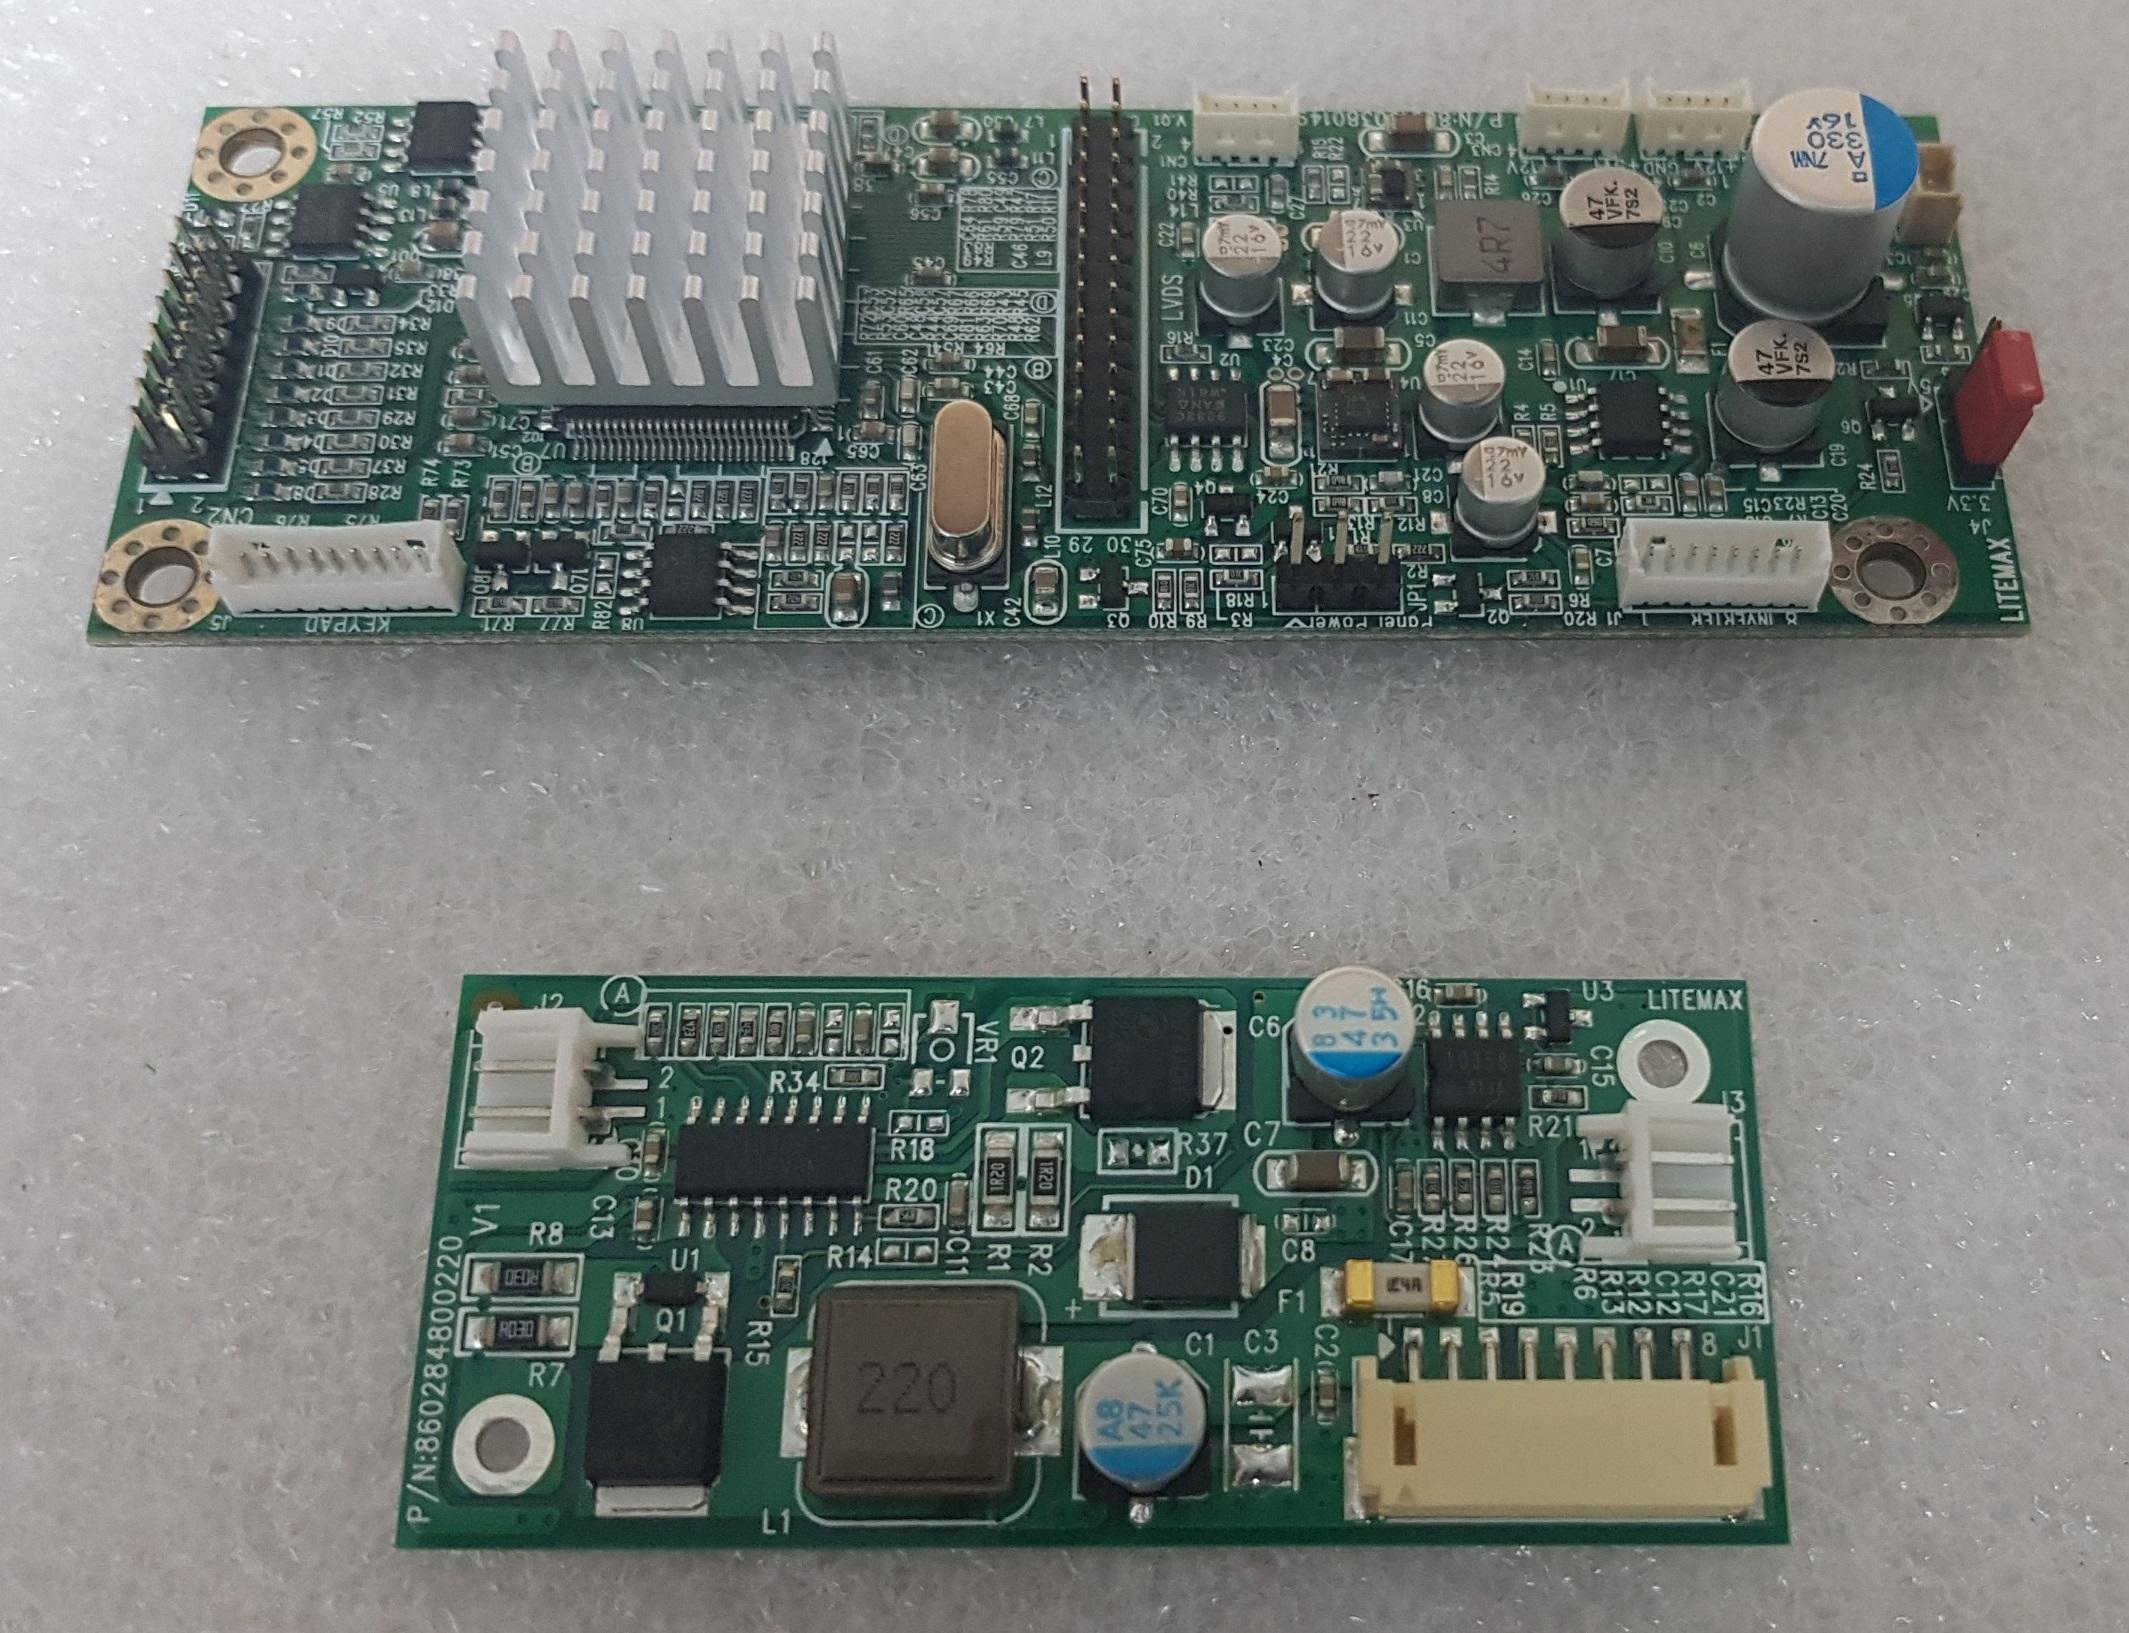 PNL-210-EW-1200-L Kit Boards